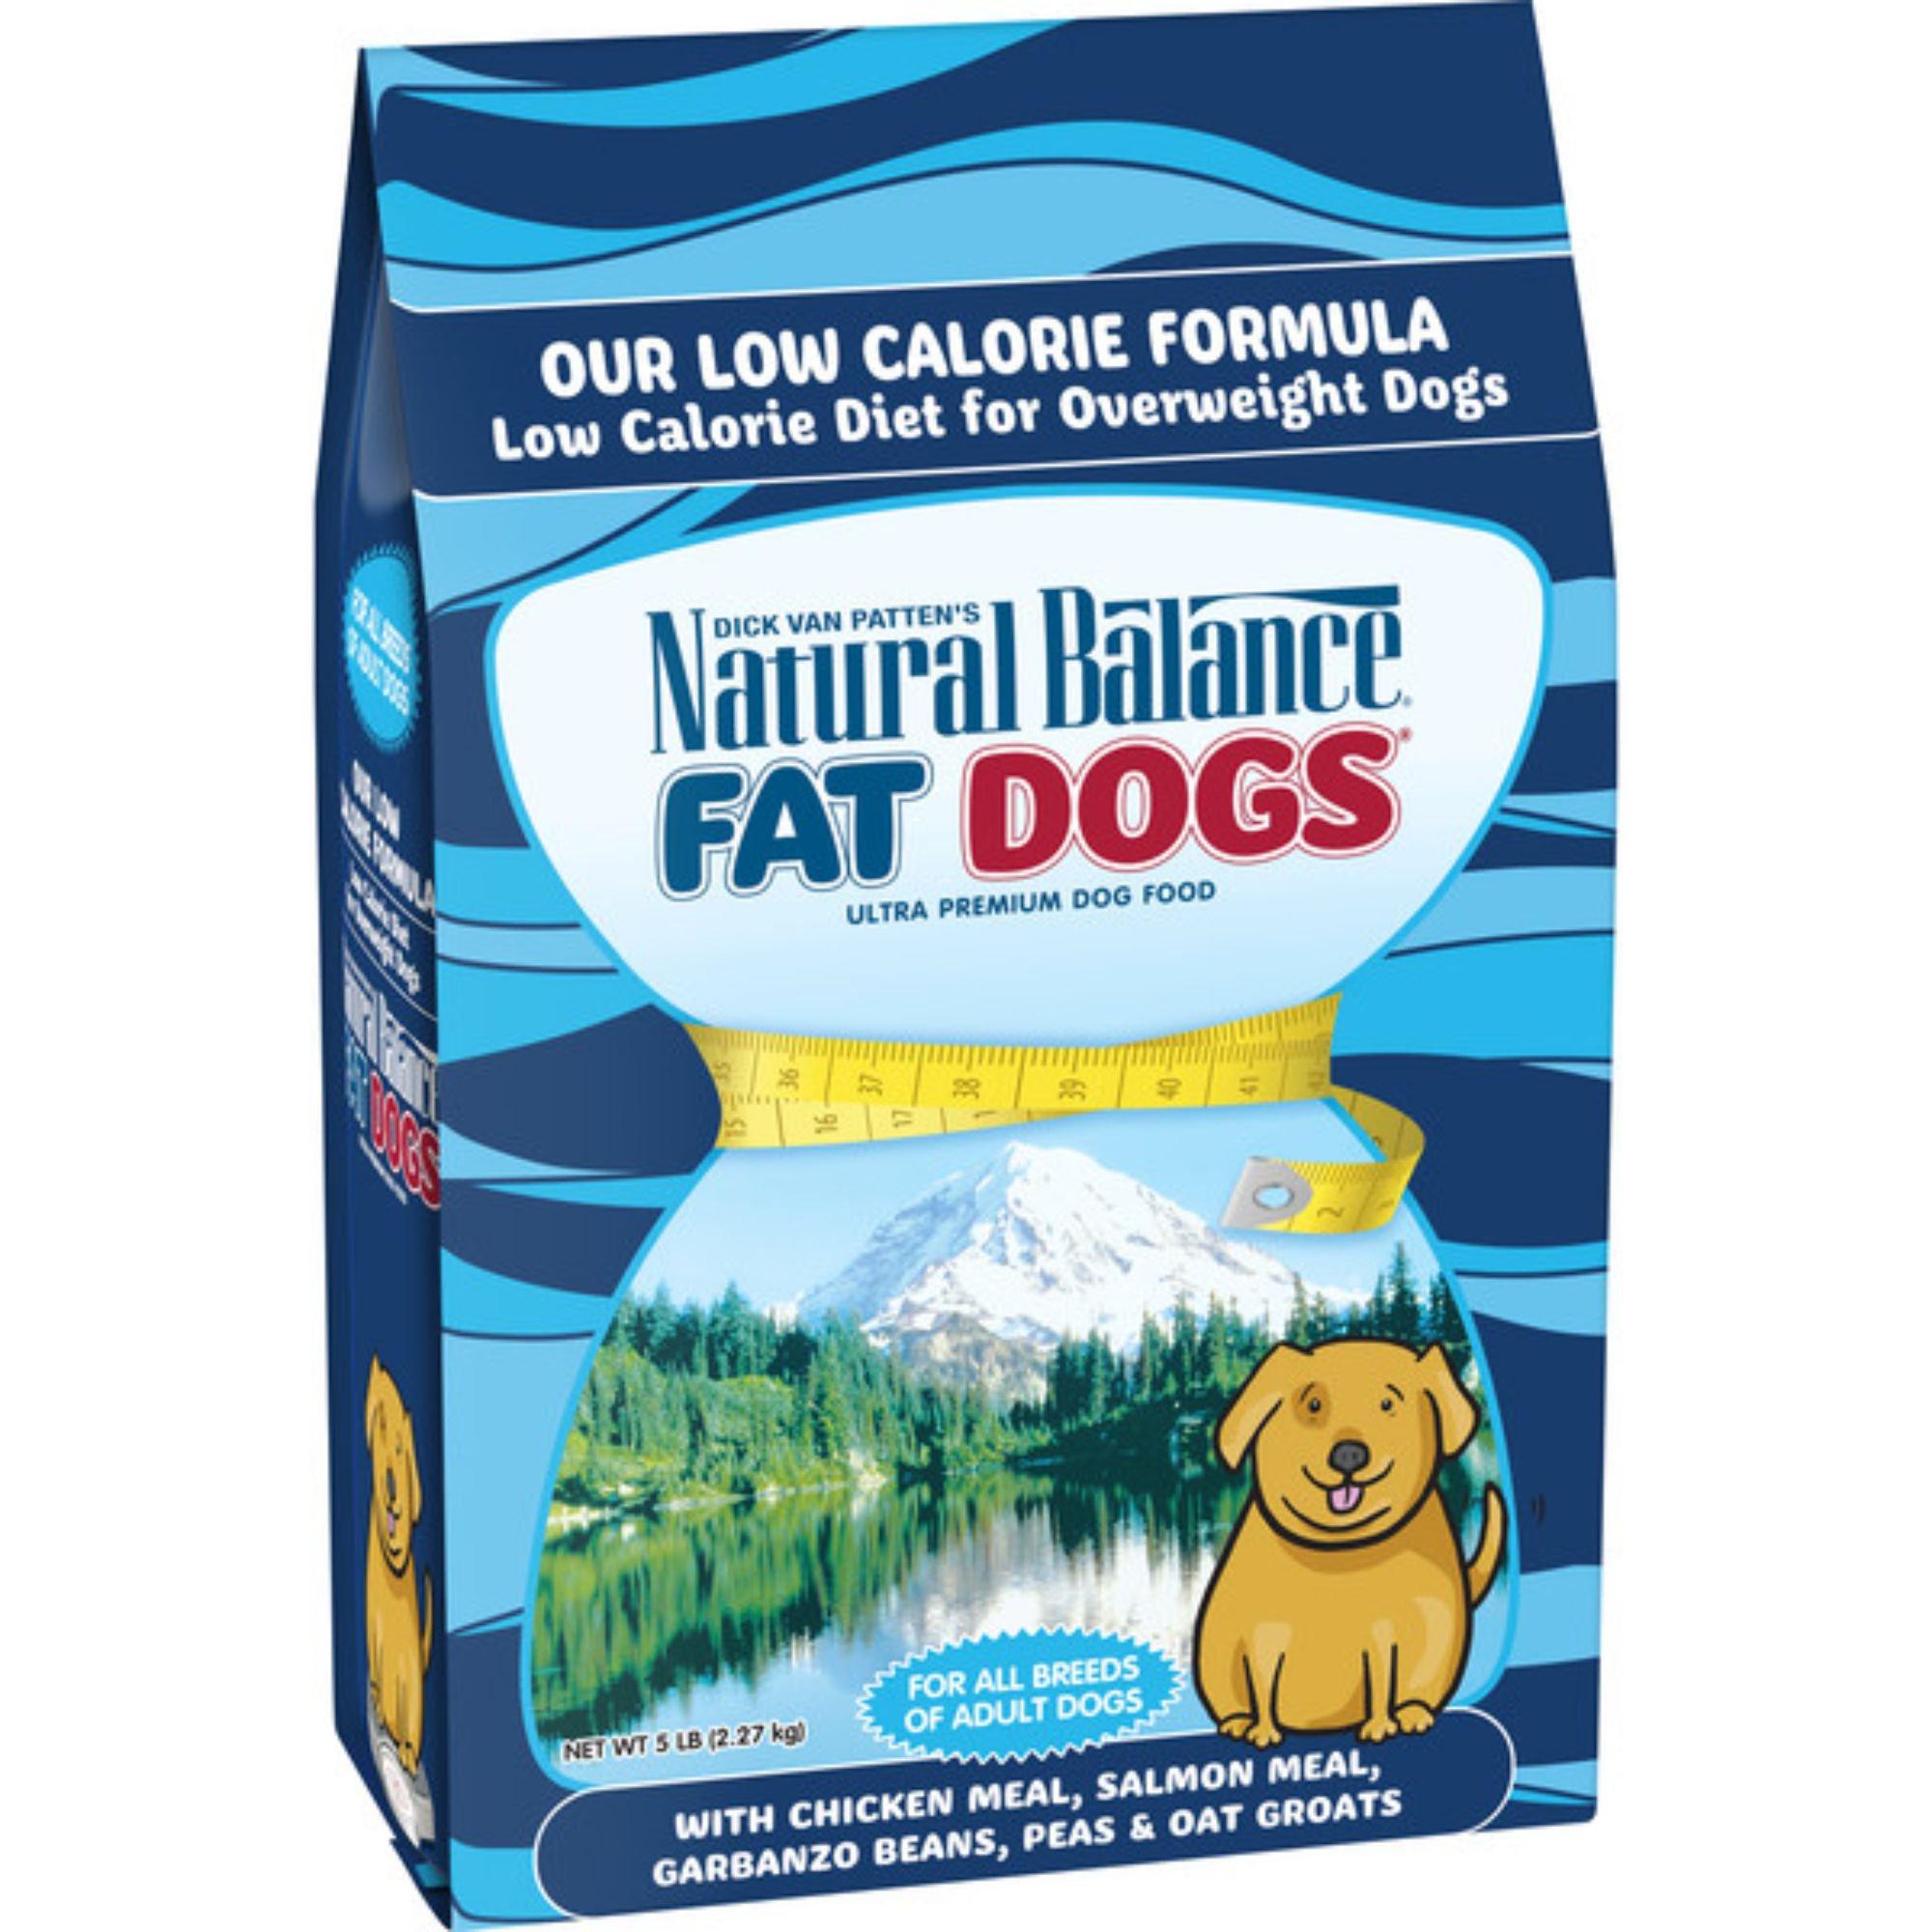 Natural Balance Fat Dog Petco